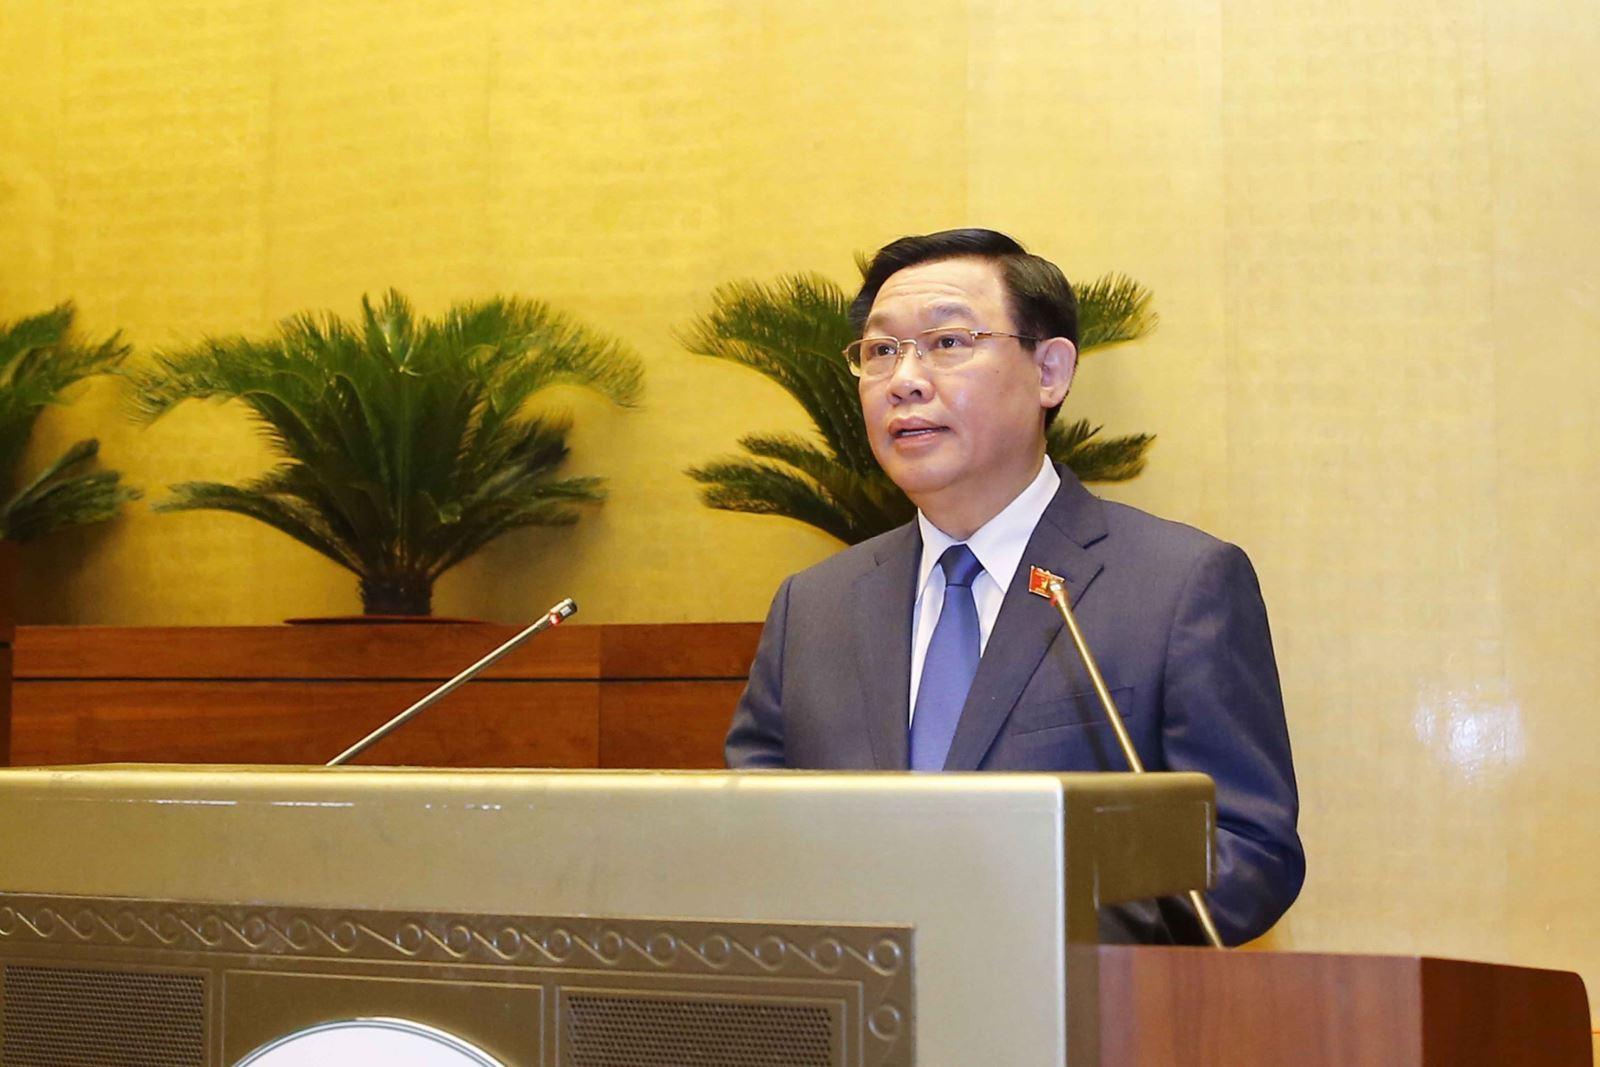 Chủ tịch Quốc hội khóa XV Vương Đình Huệ phát biểu sau khi tuyên thệ nhậm chức.